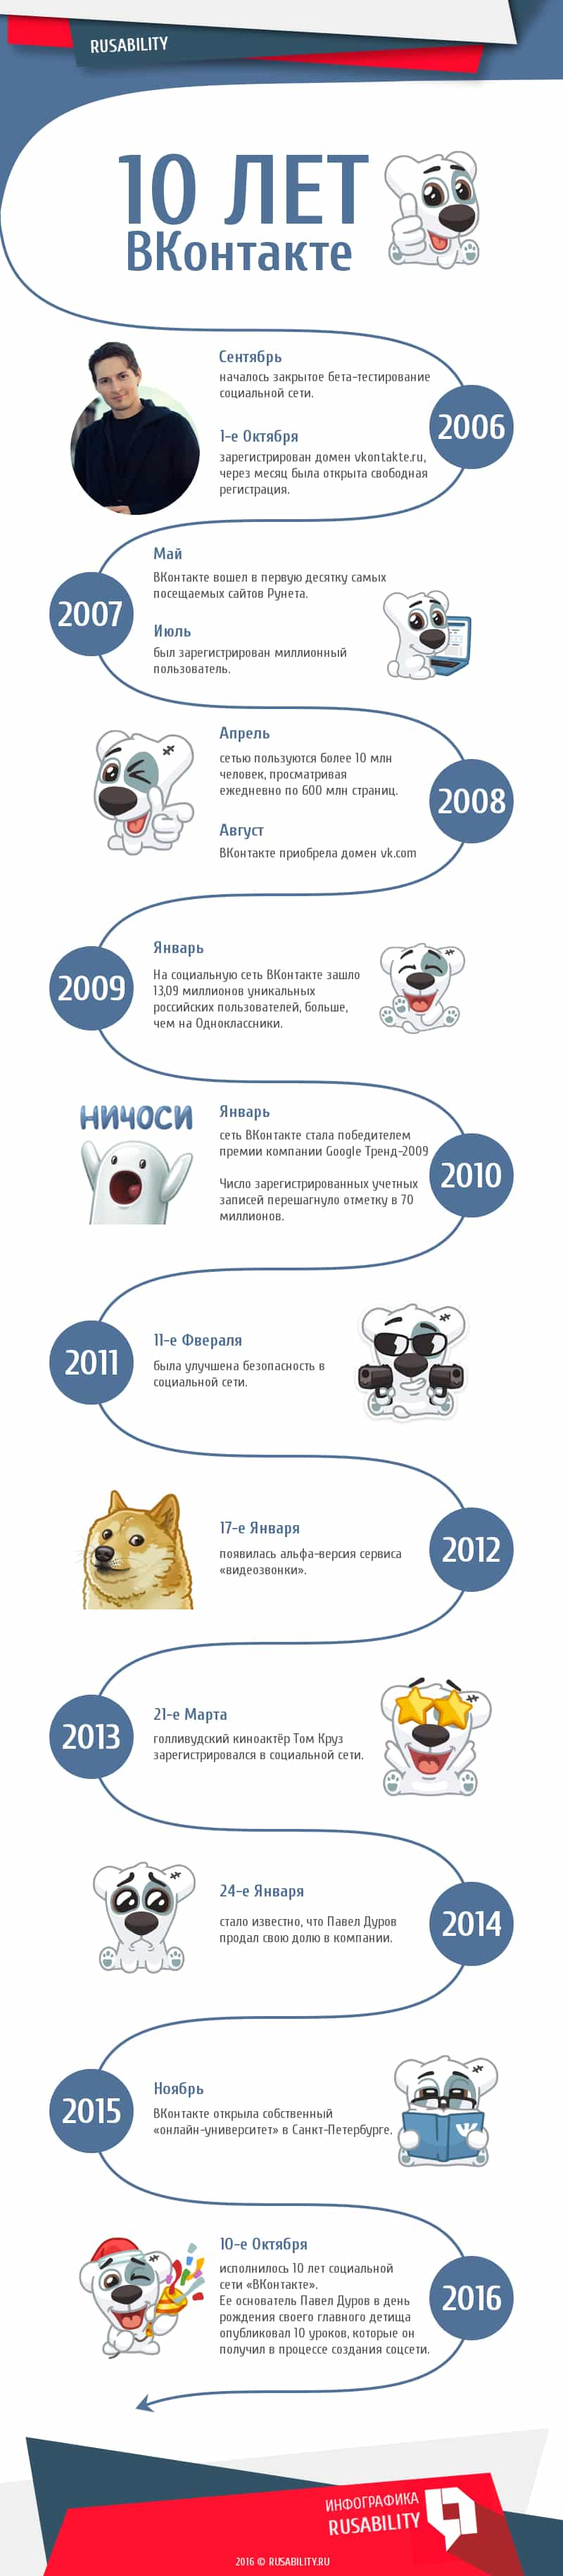 10 лет вконтакте, timeline инфографика